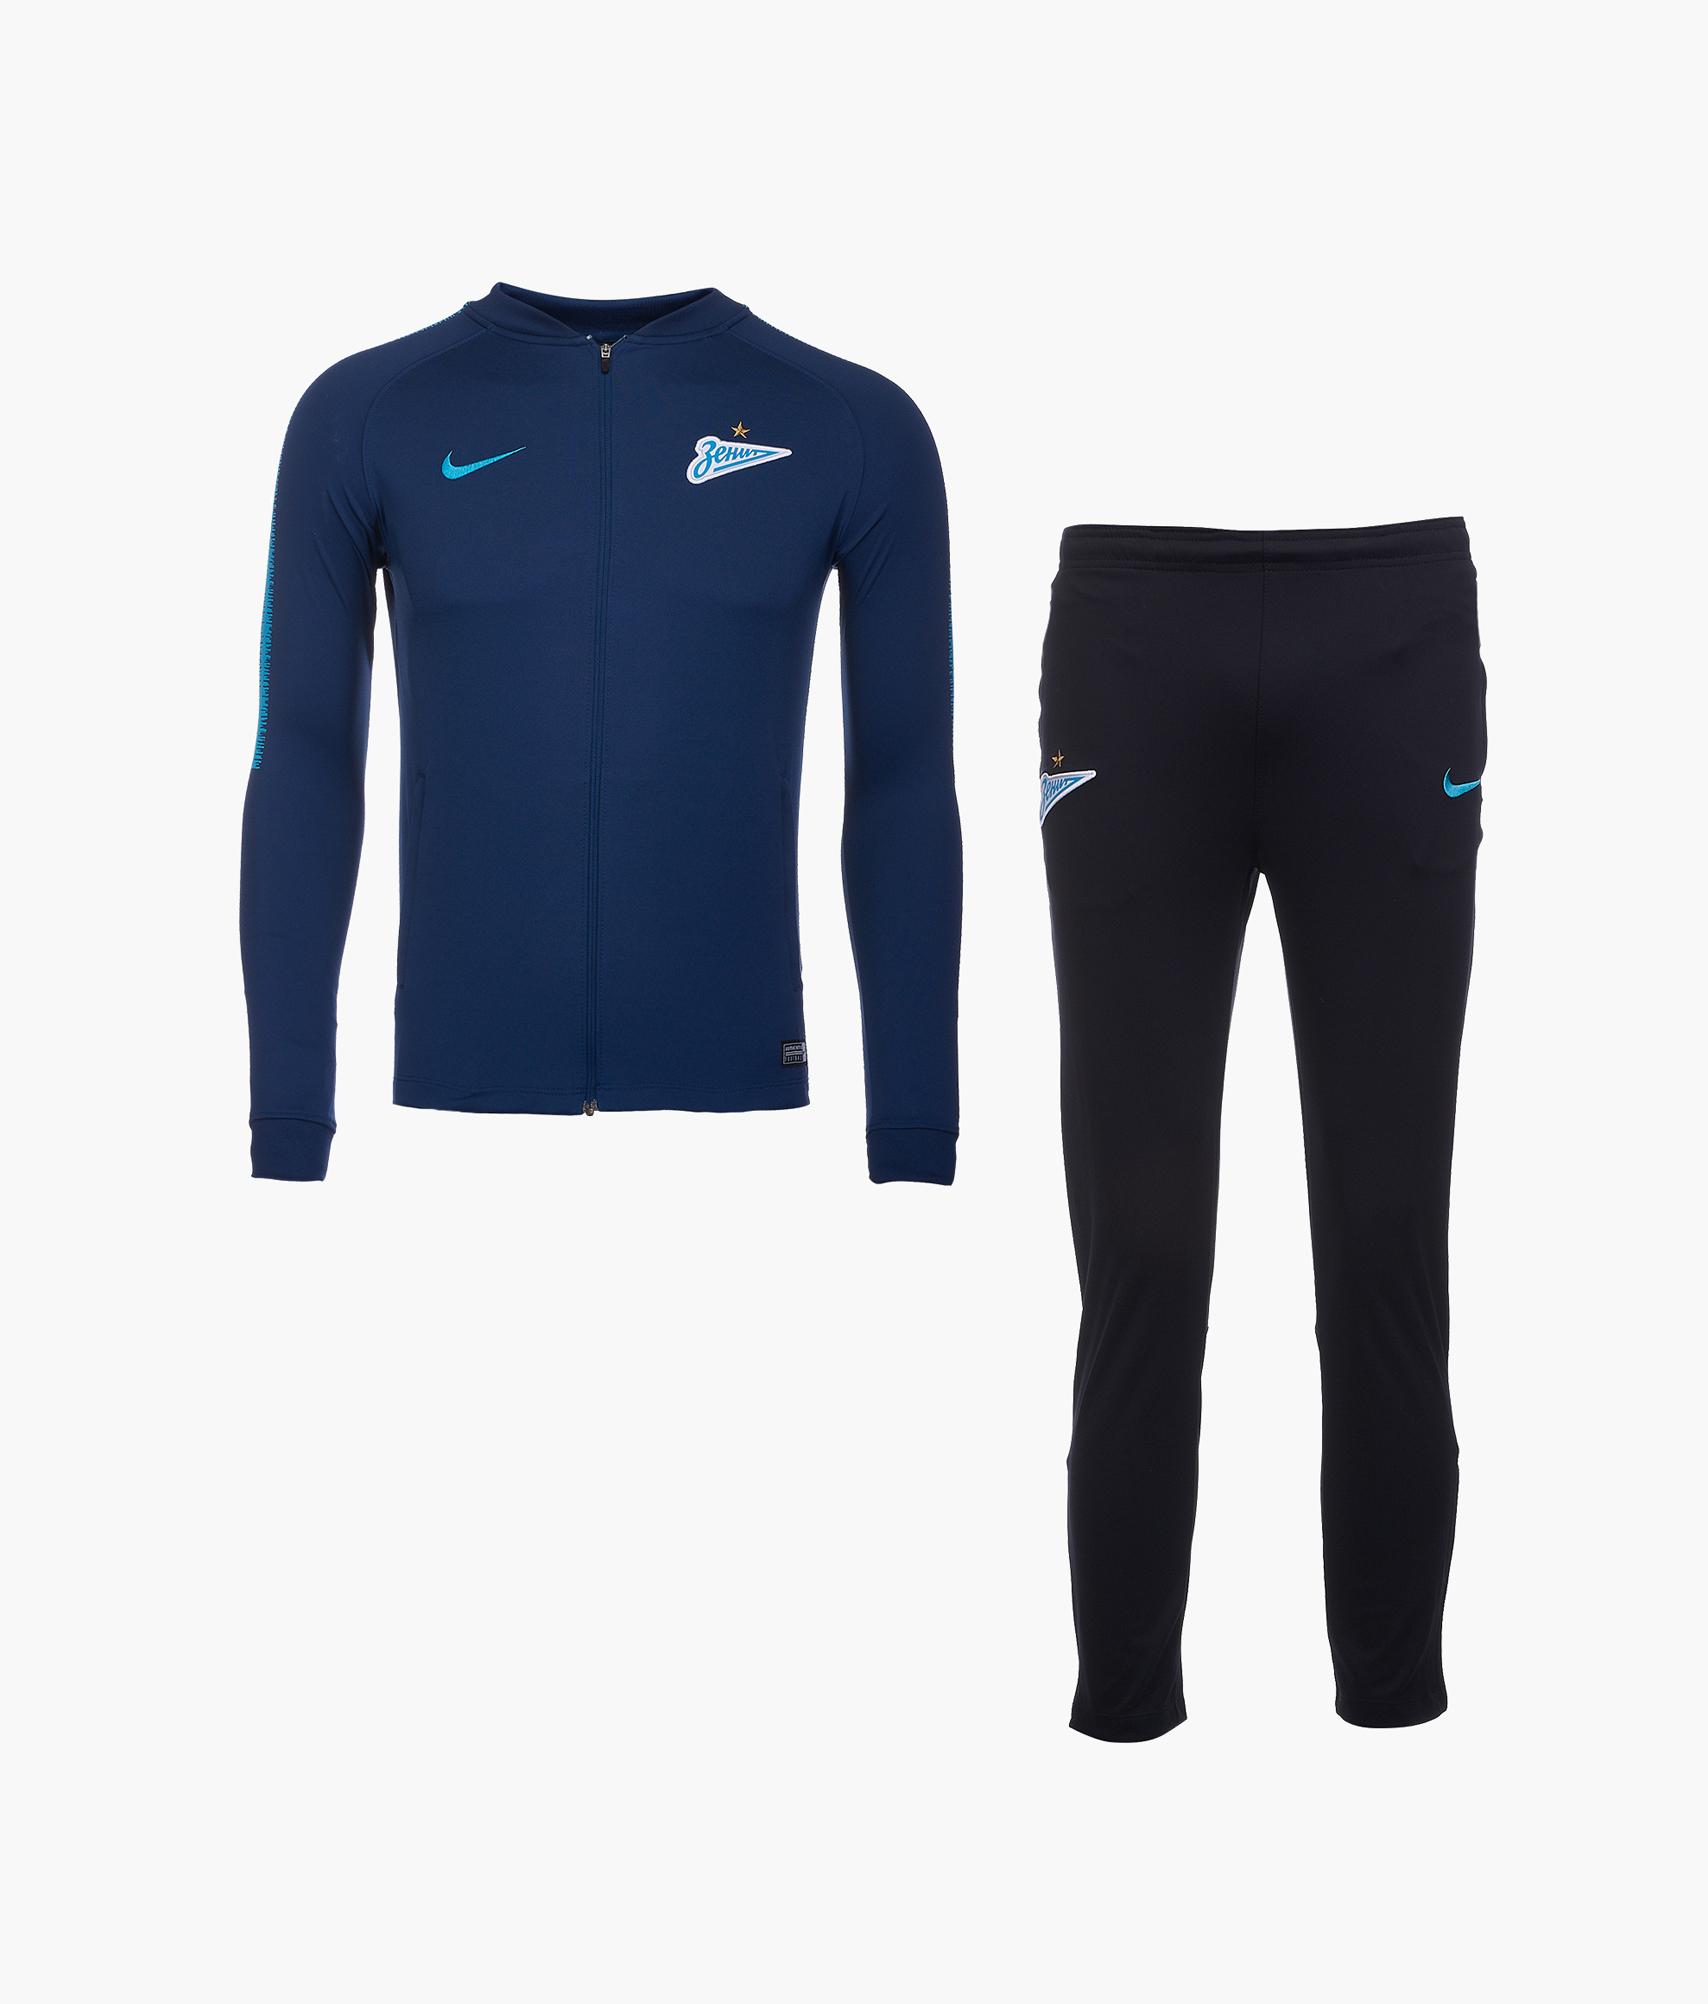 Костюм подростковый Nike Zenit сезона 2018/19 Nike лонгслив спортивный nike nike ni464ewaagy1